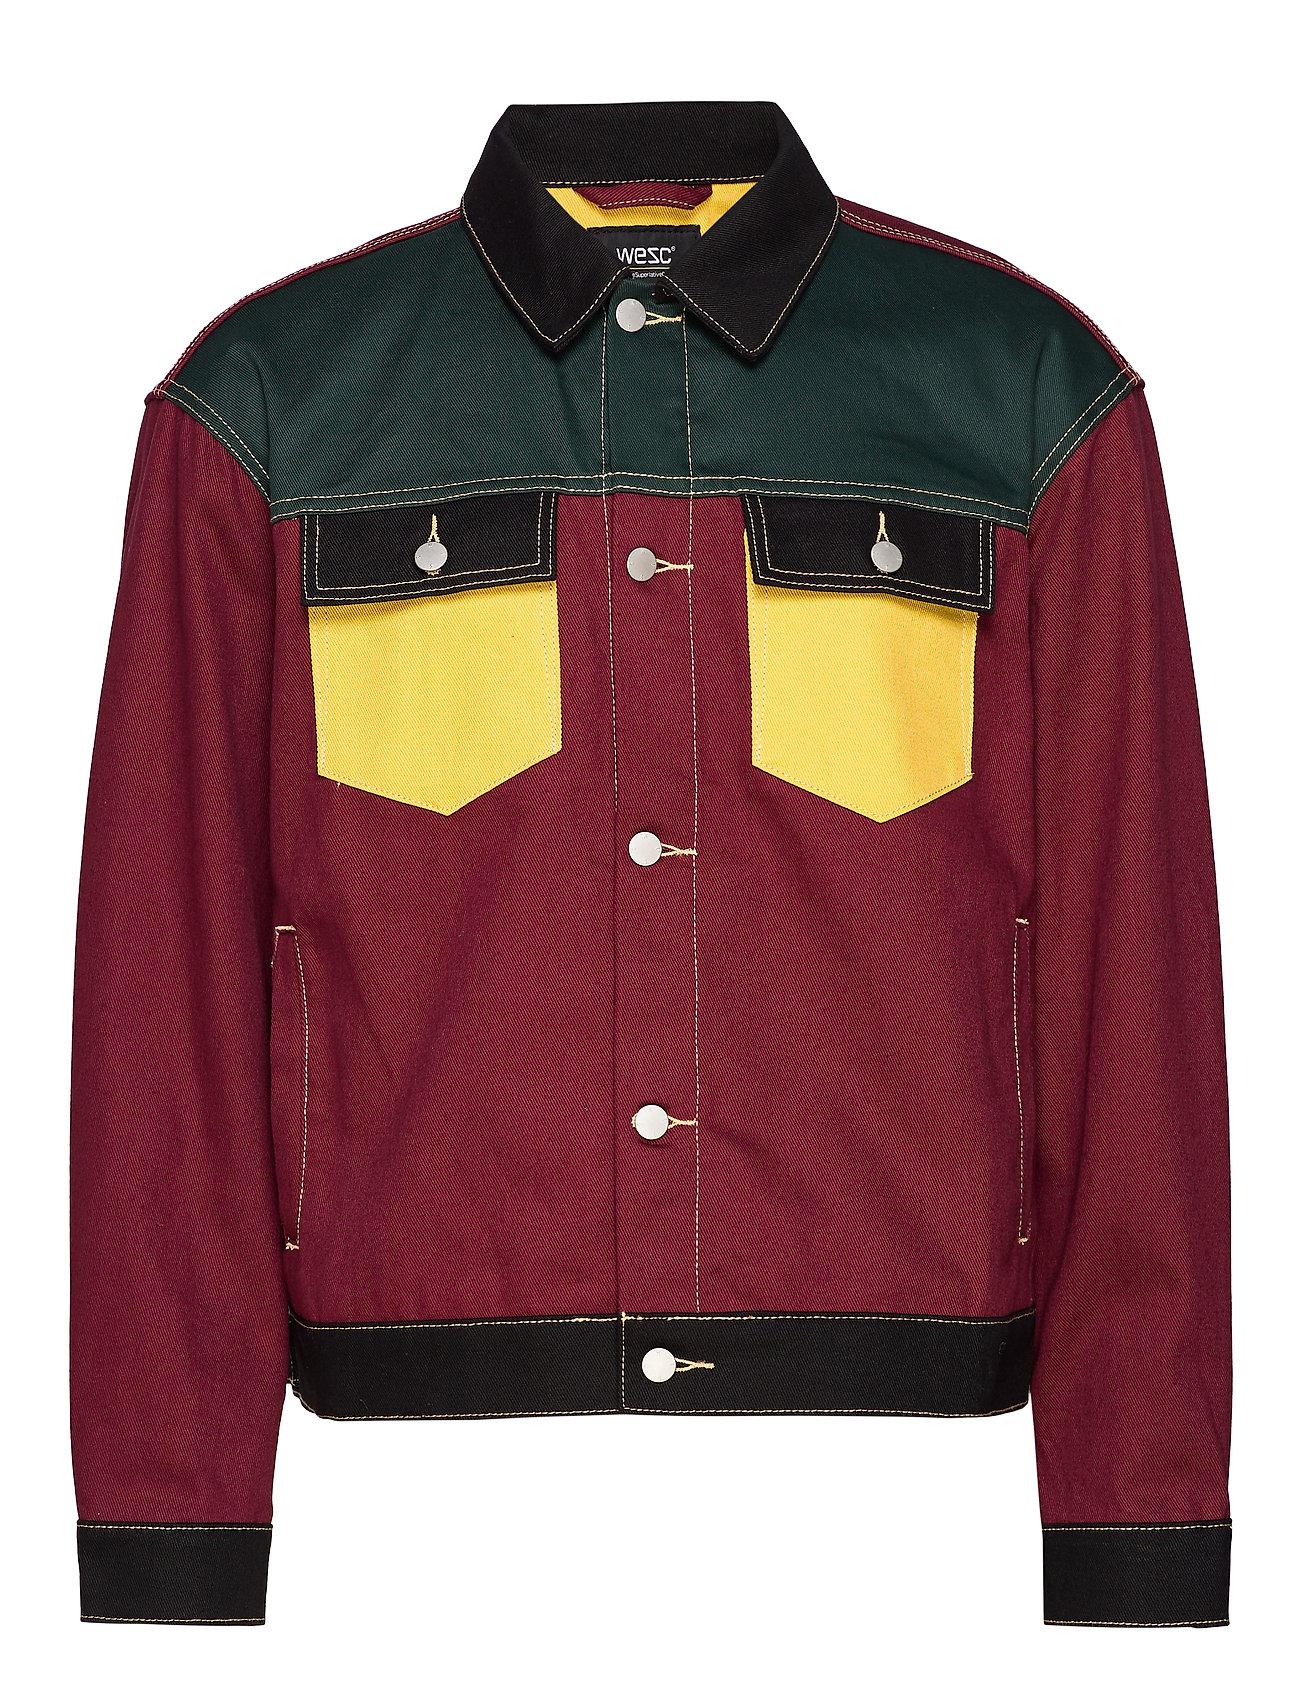 WeSC Denim Jacket Colorblock - ASSORTED